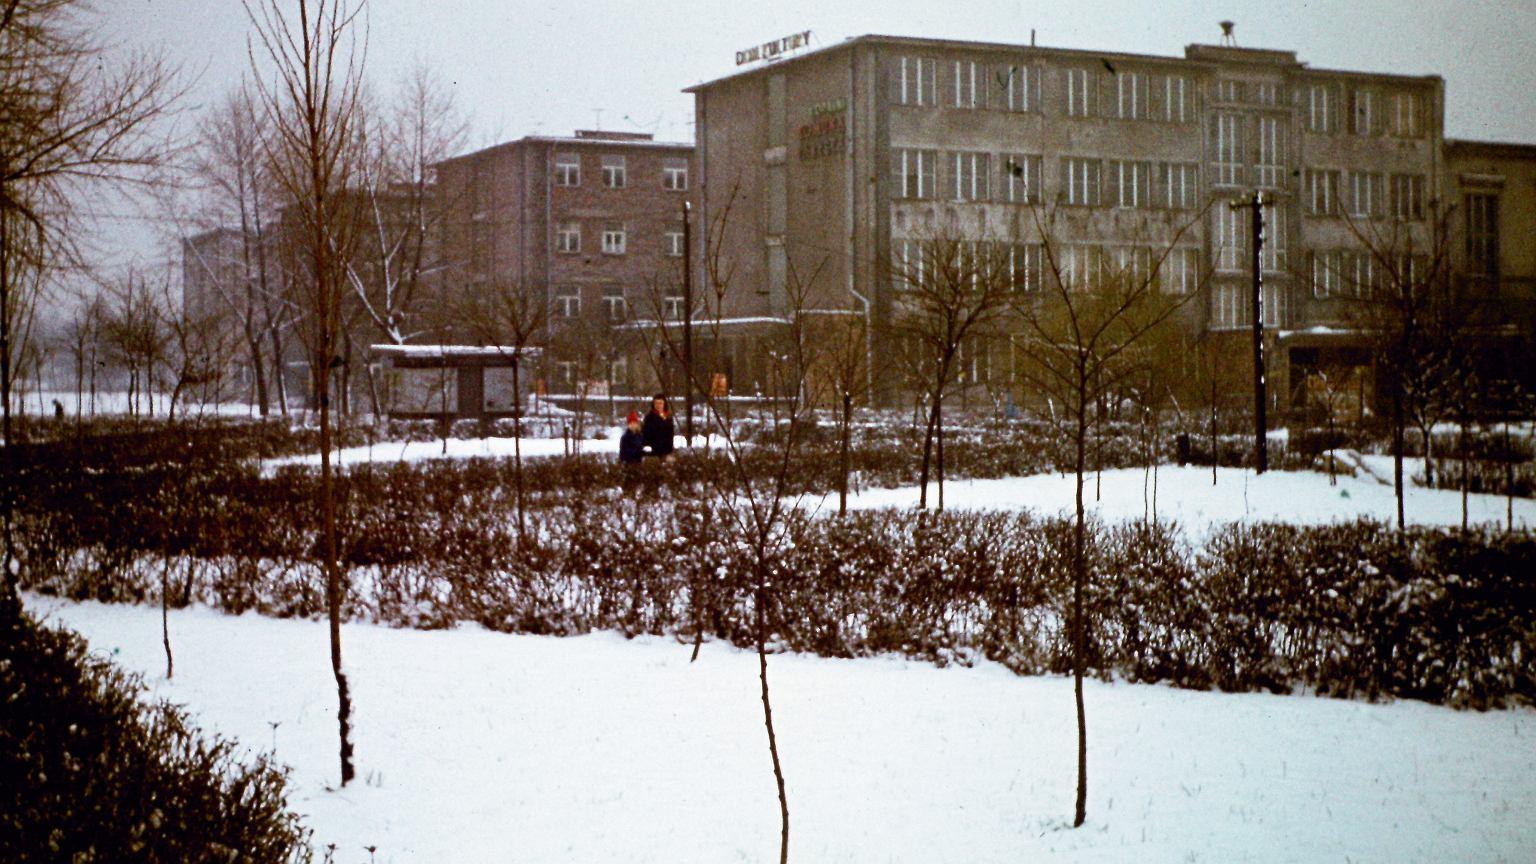 Dom kultury i bloki więzienne w Jaworznie, lata 70. XX wieku